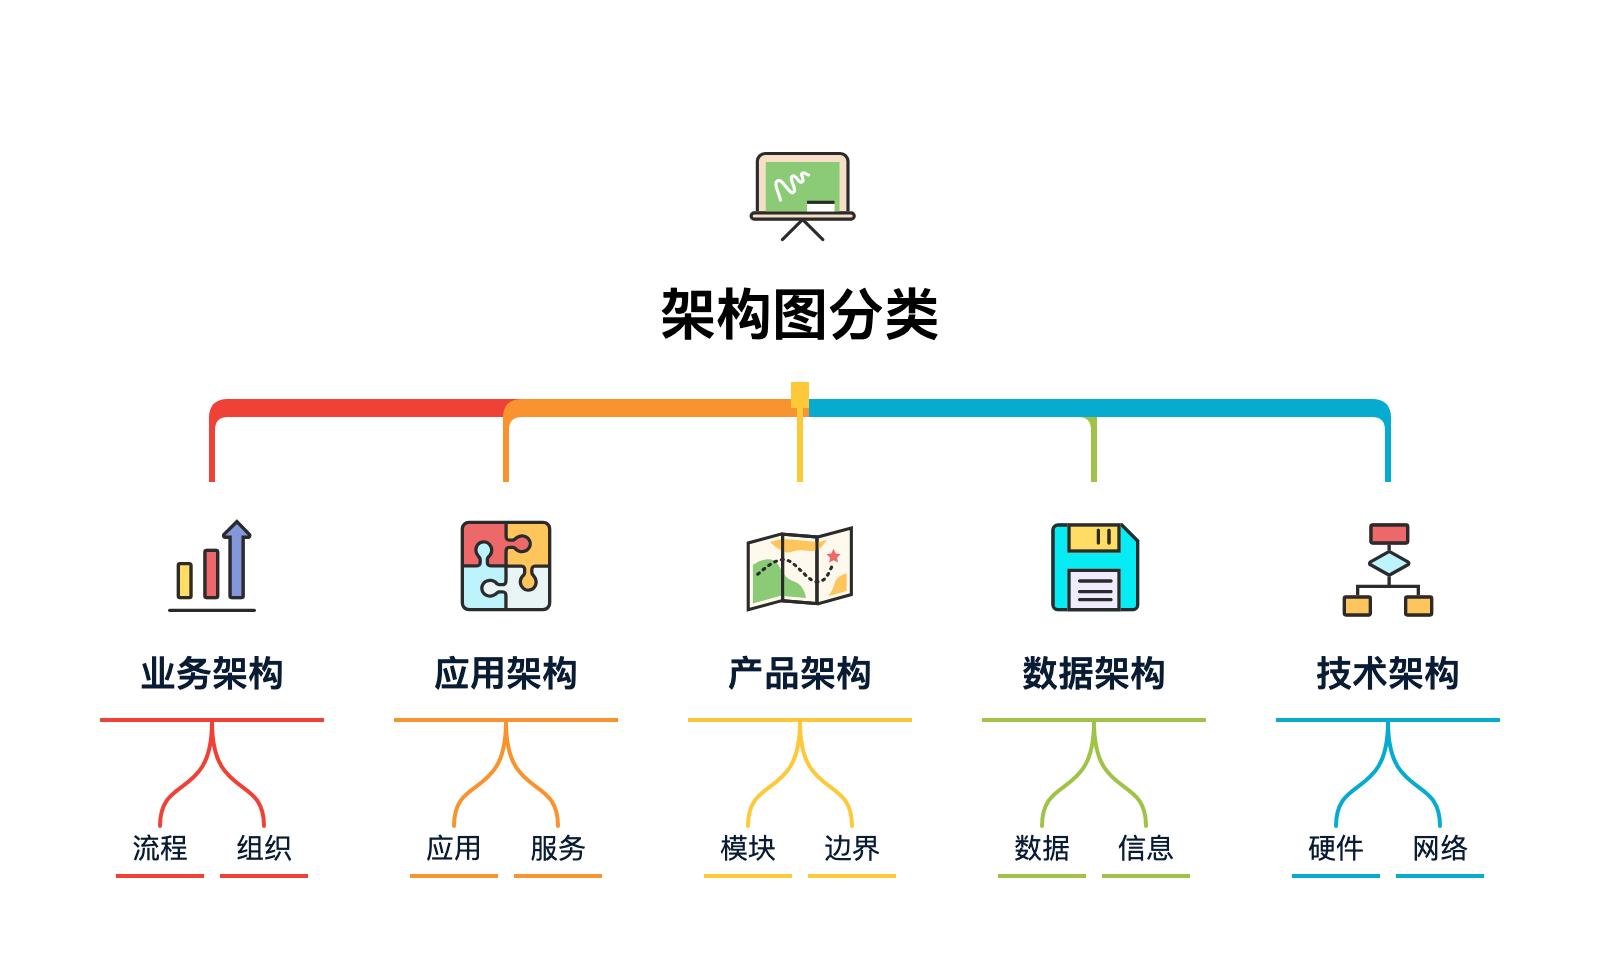 图 26-1 架构图分类